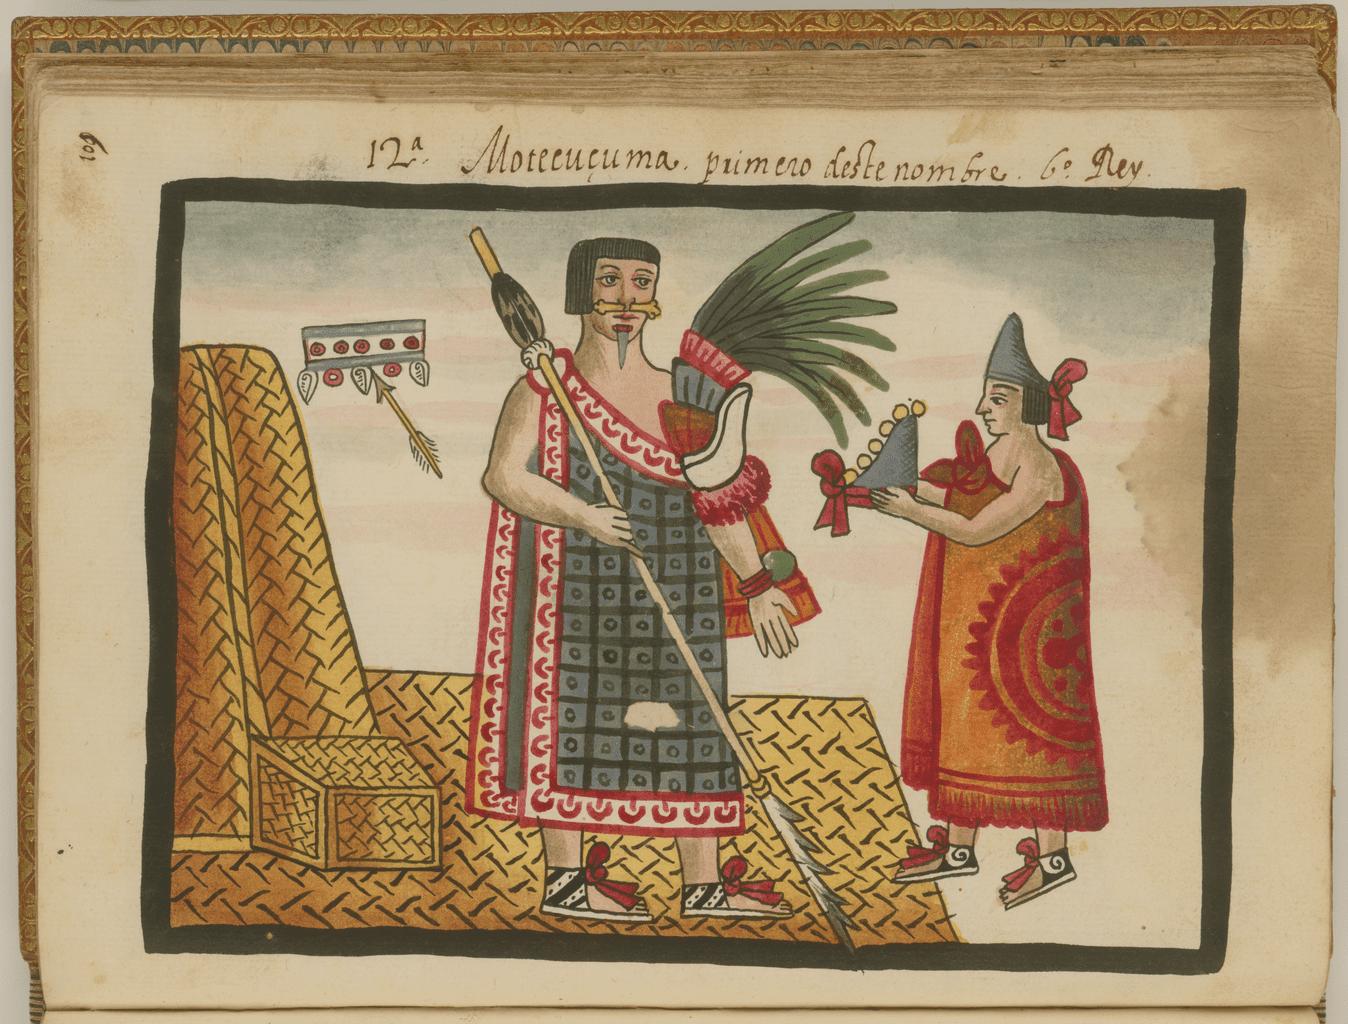 Moctezuma I, Aztec Ruler 1440-1468